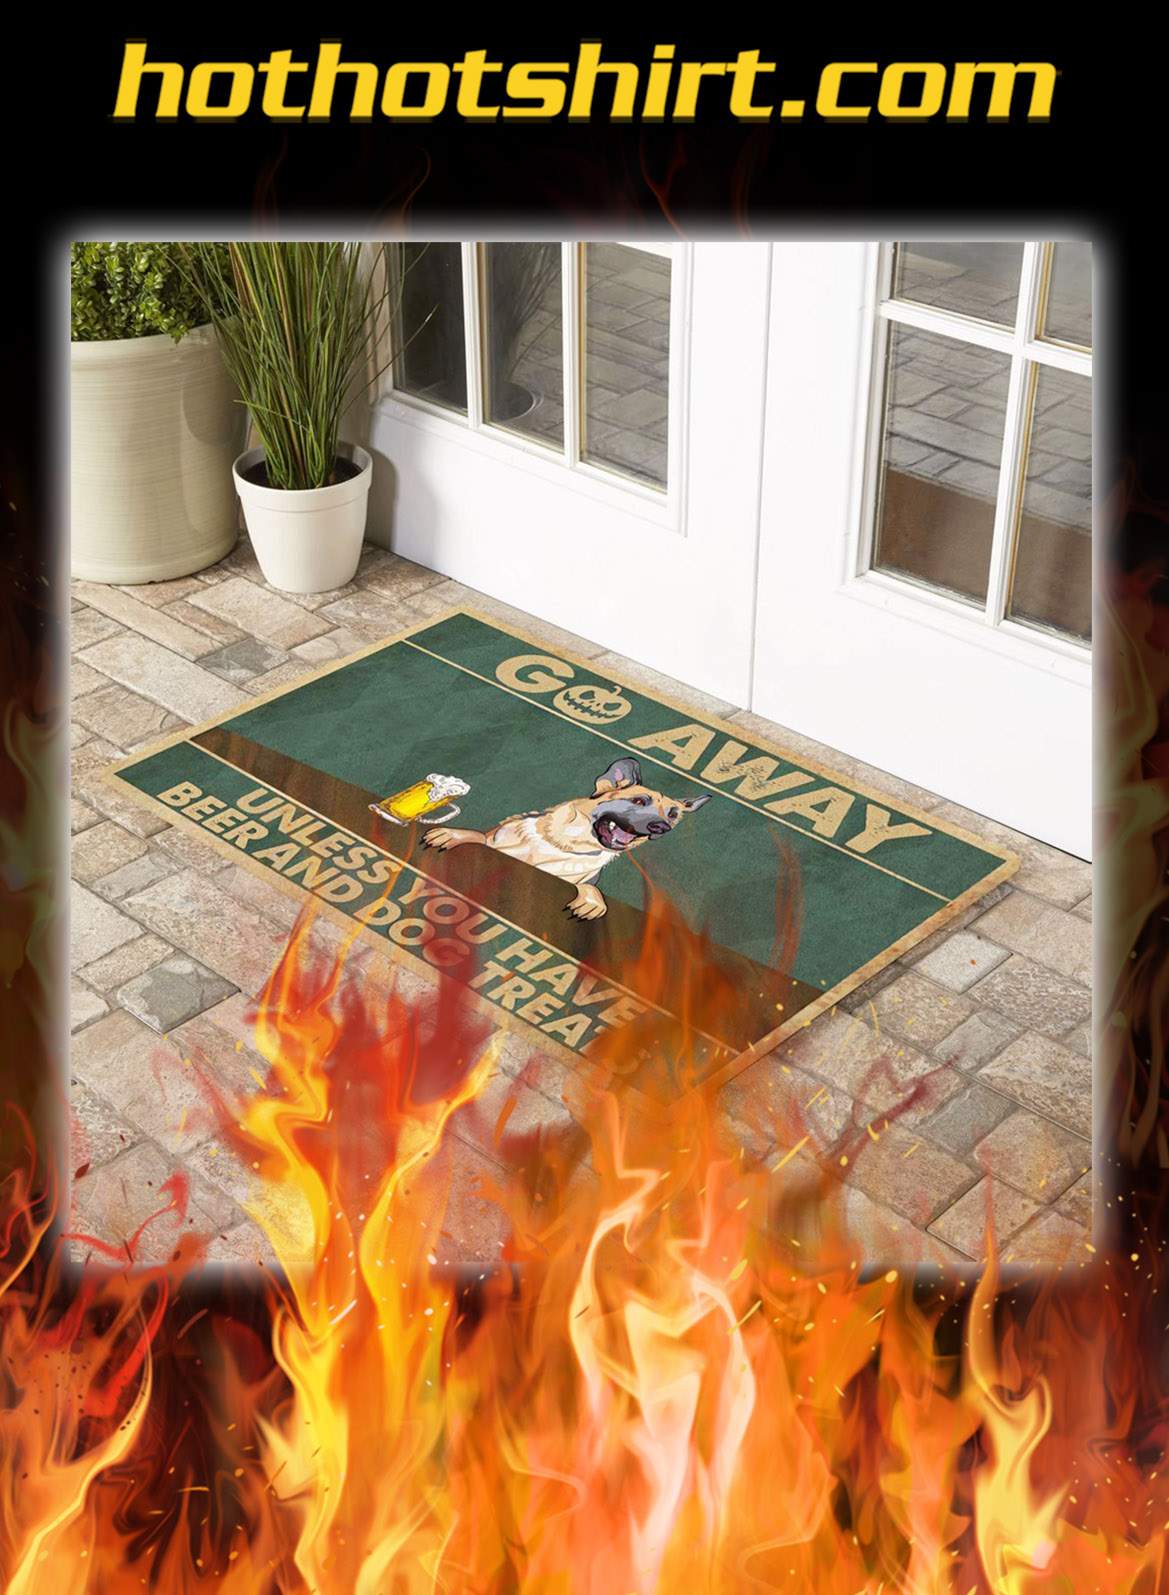 German shepherd go away unless you have beer and dog treats doormat- pic 1